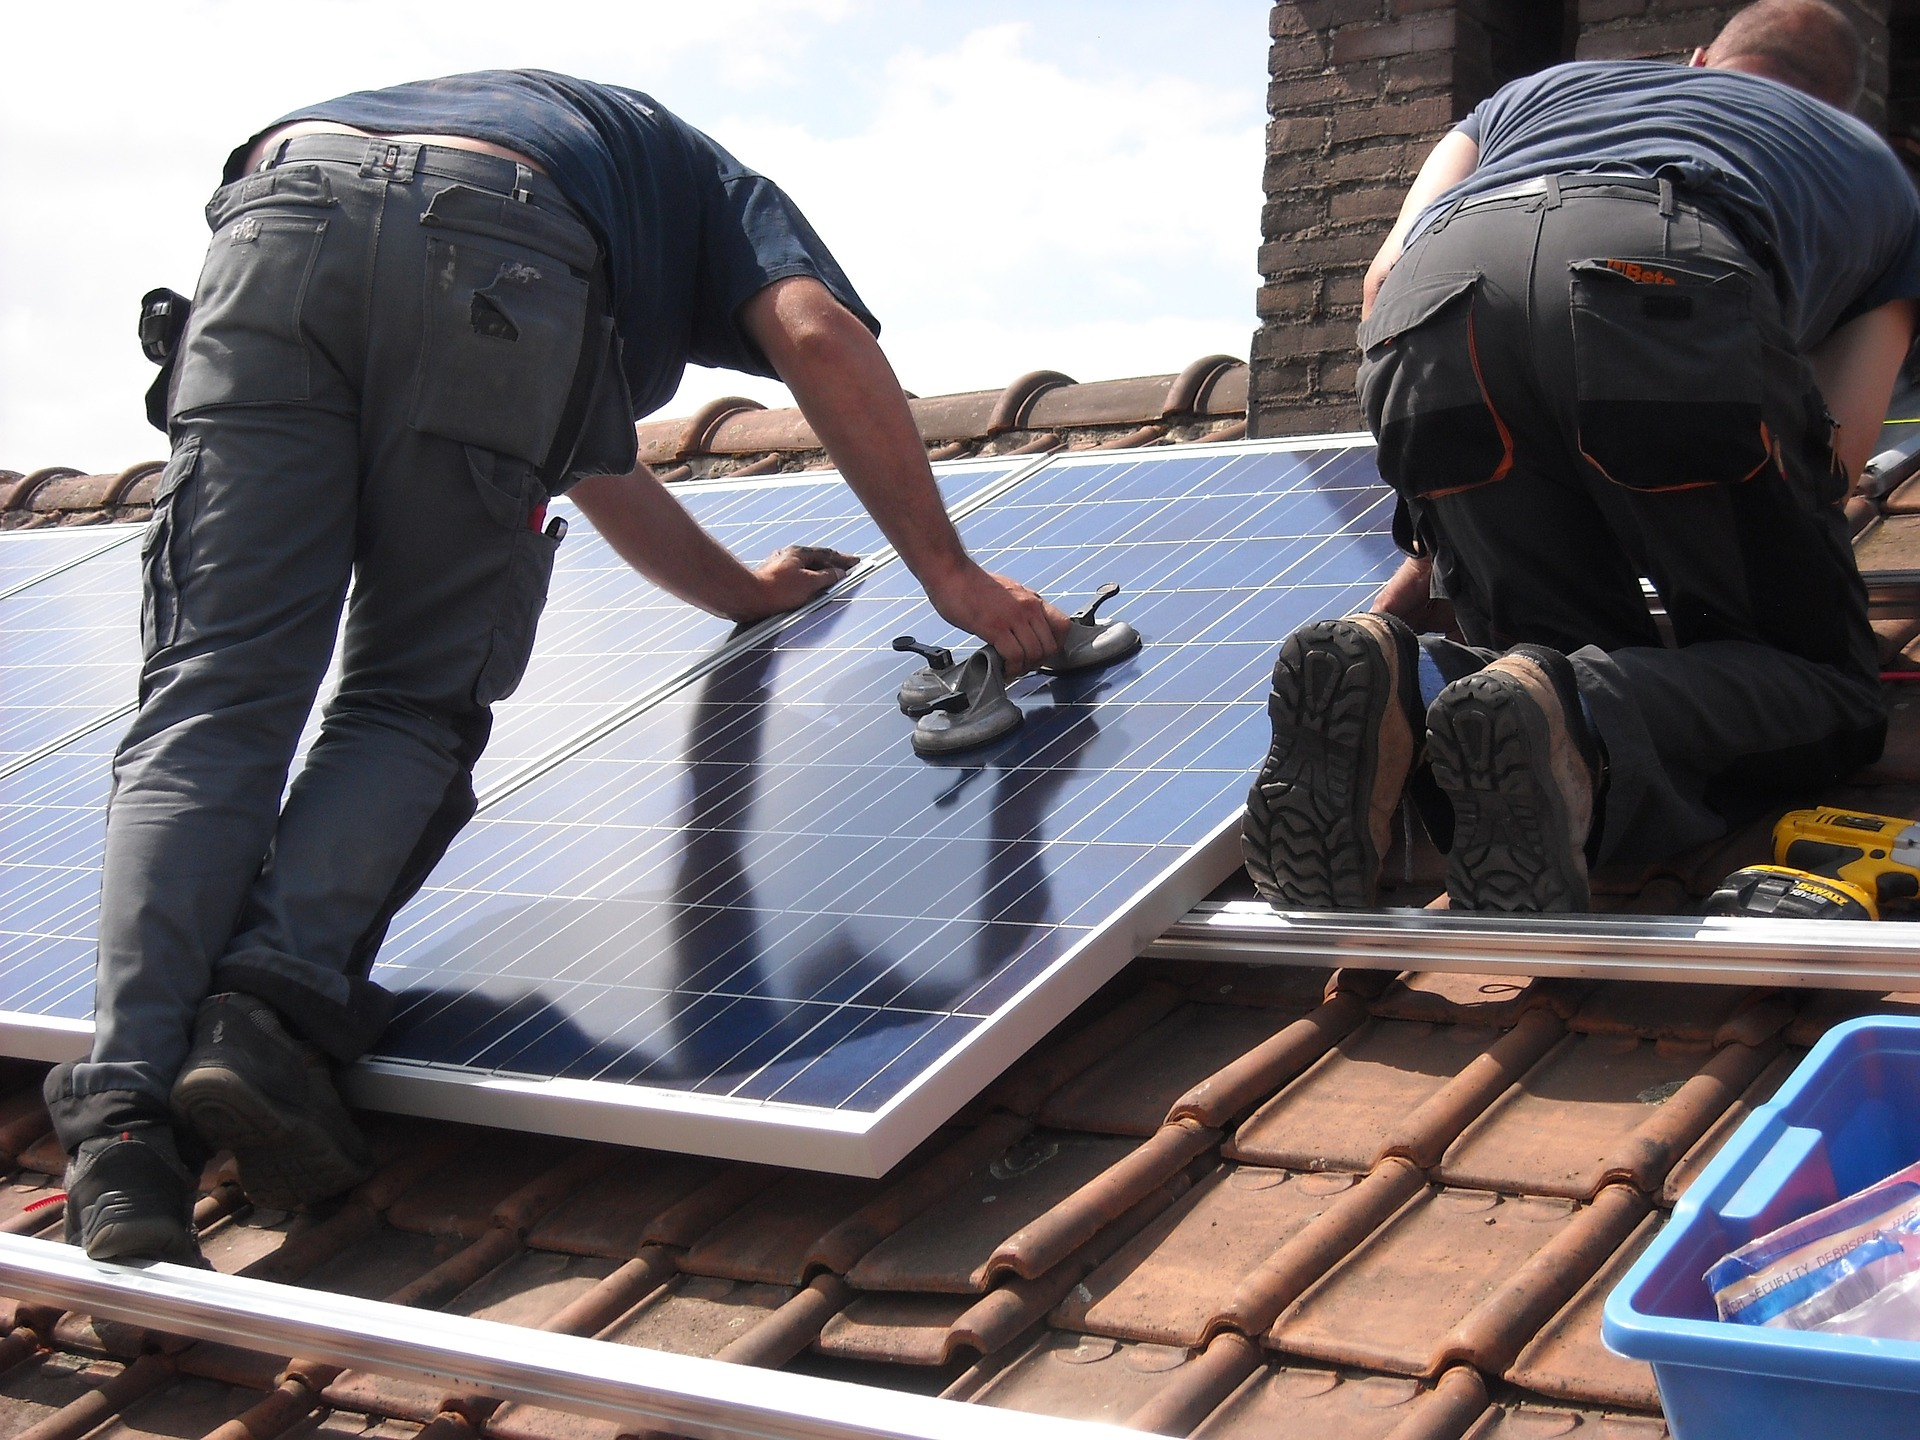 La rénovation énergétique, toiture et isolation en priorité